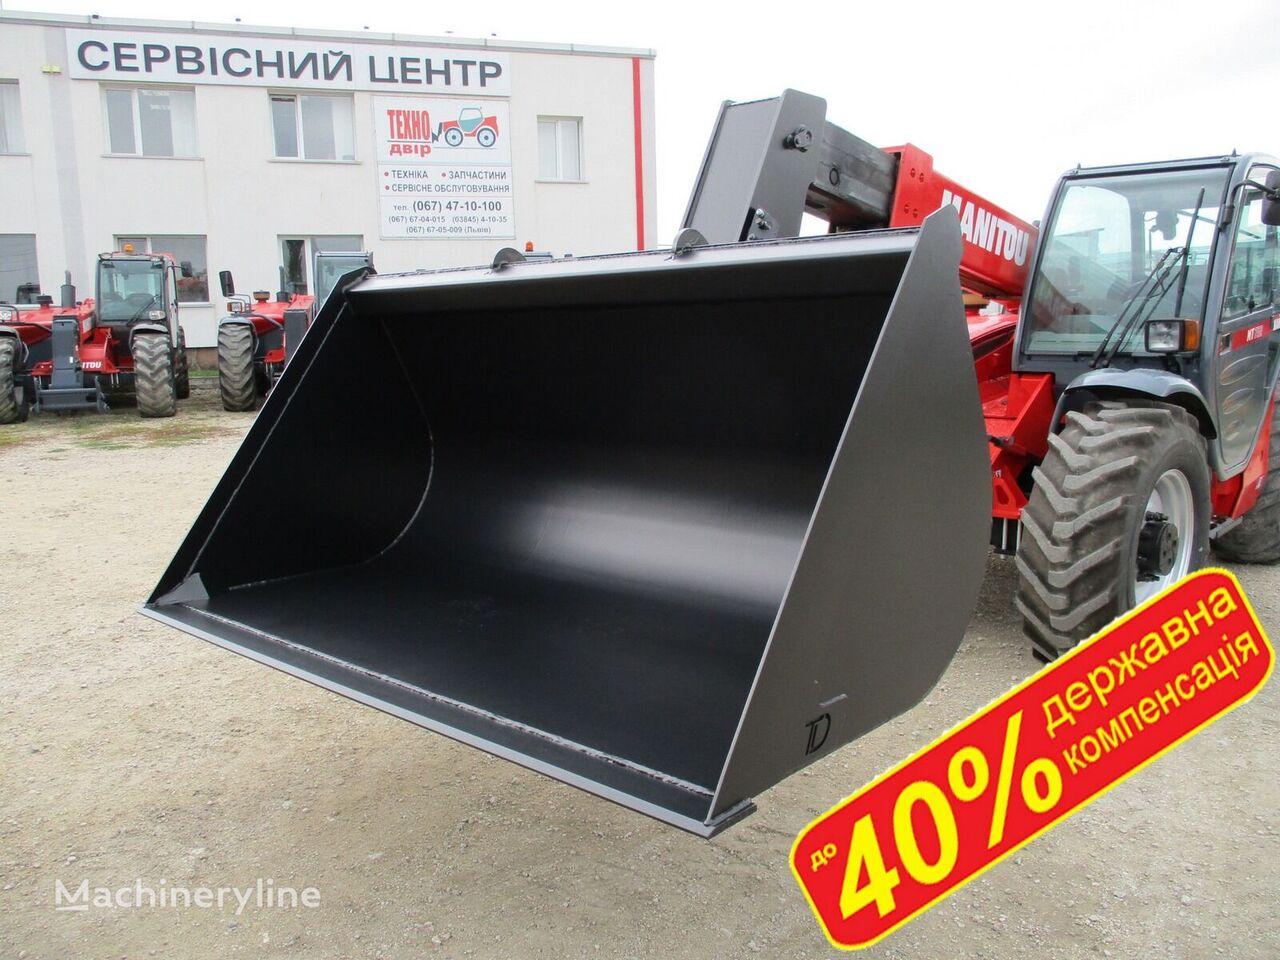 bucket loader depan MANITOU KOVSh 1.5m3 - 3m3 DERZhKOMPENSACIYa do 40% baru